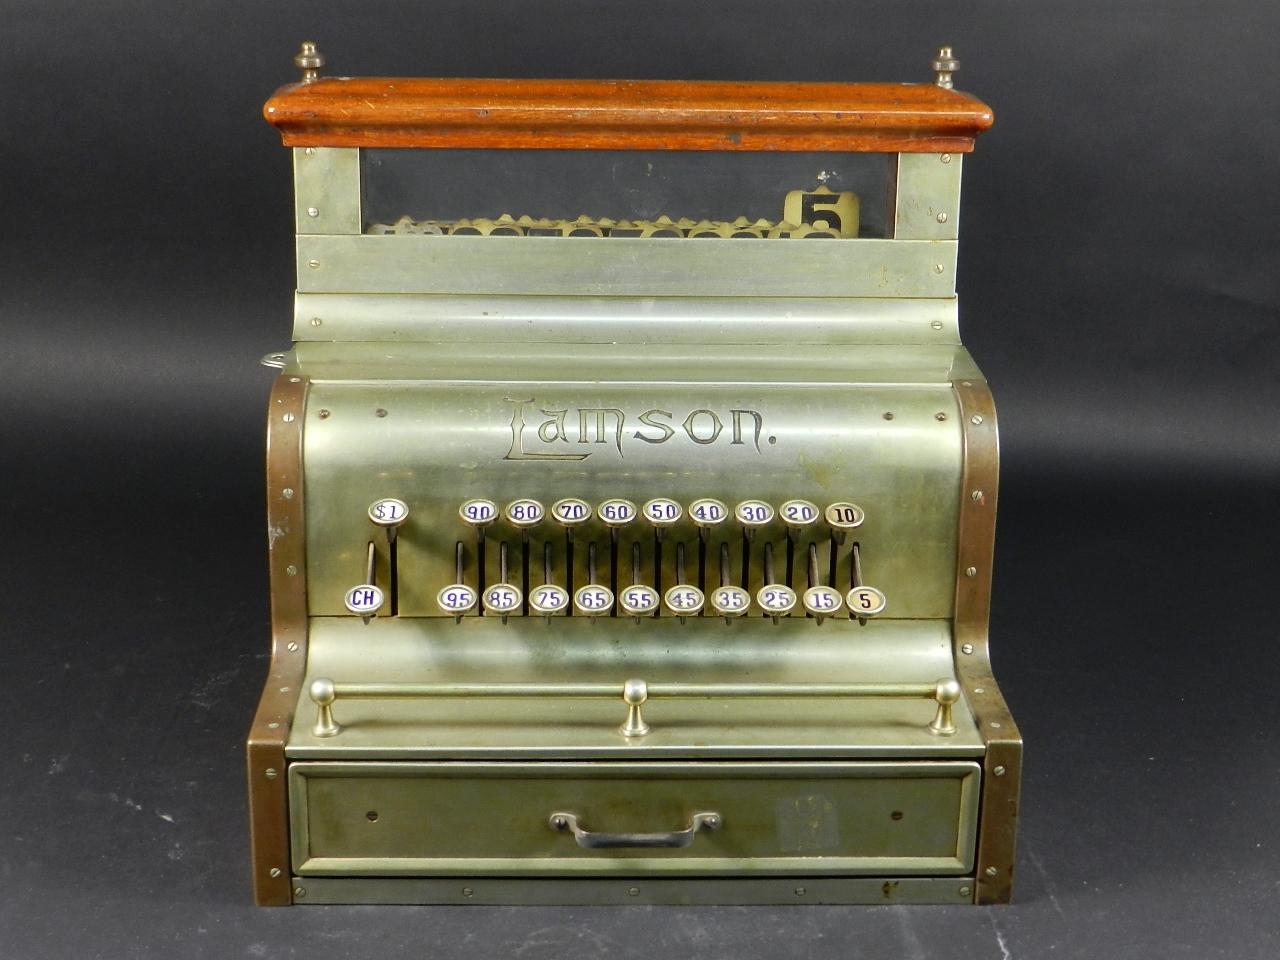 Imagen REGISTRADORA LAMSON Mod.10  AÑO 1895 37839